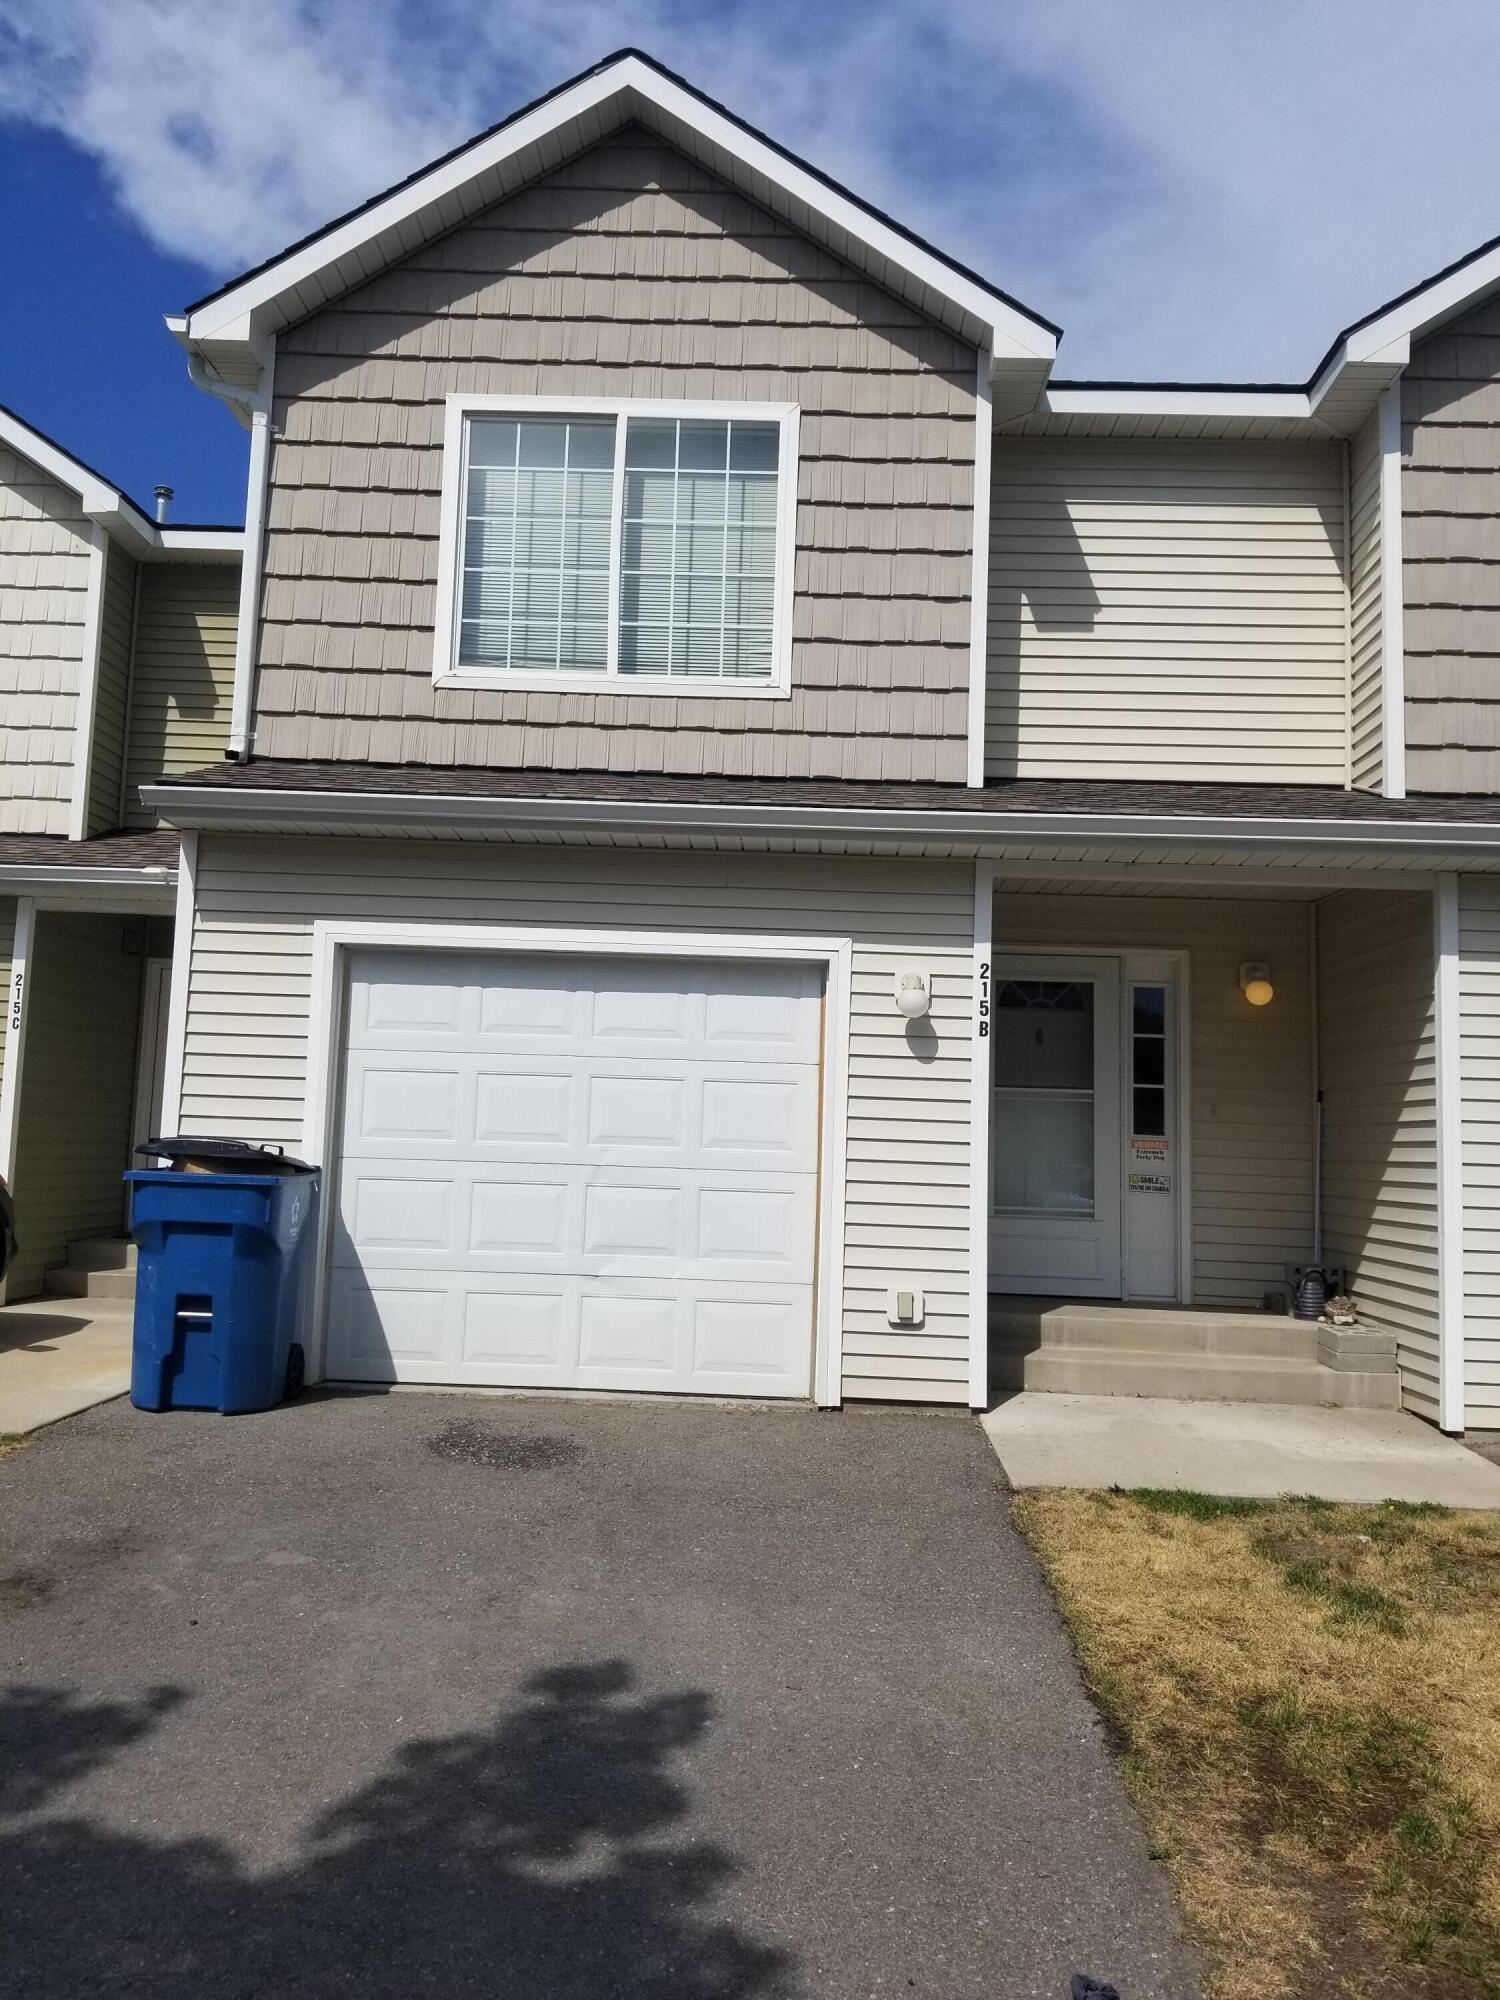 215 N Garfield Street, Missoula, MT 59801